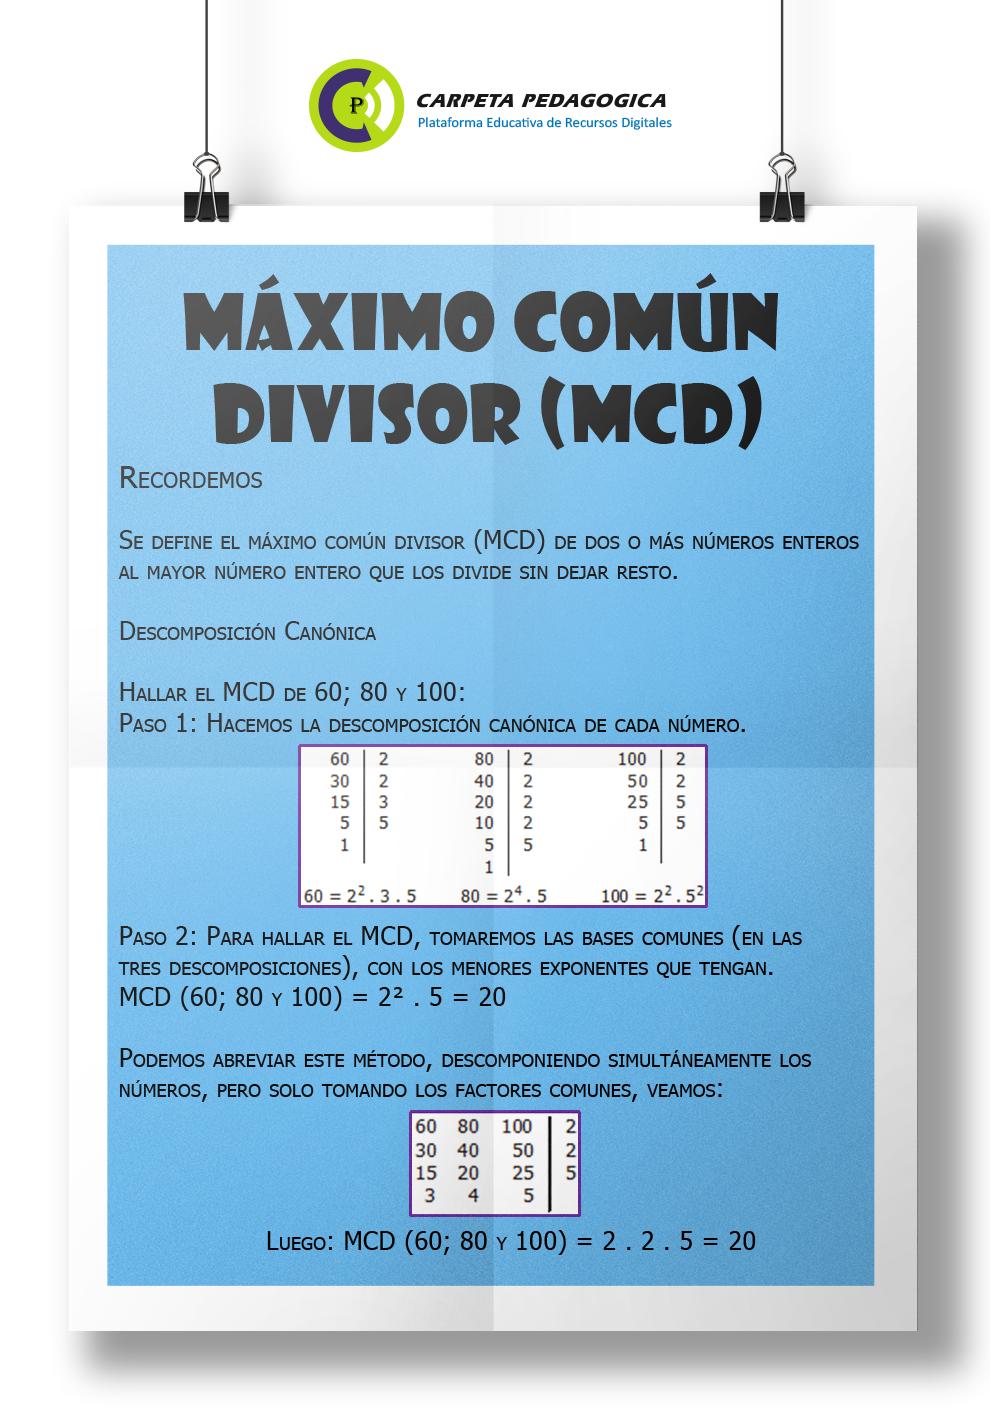 Definición Máximo Común Divisor (MCD)